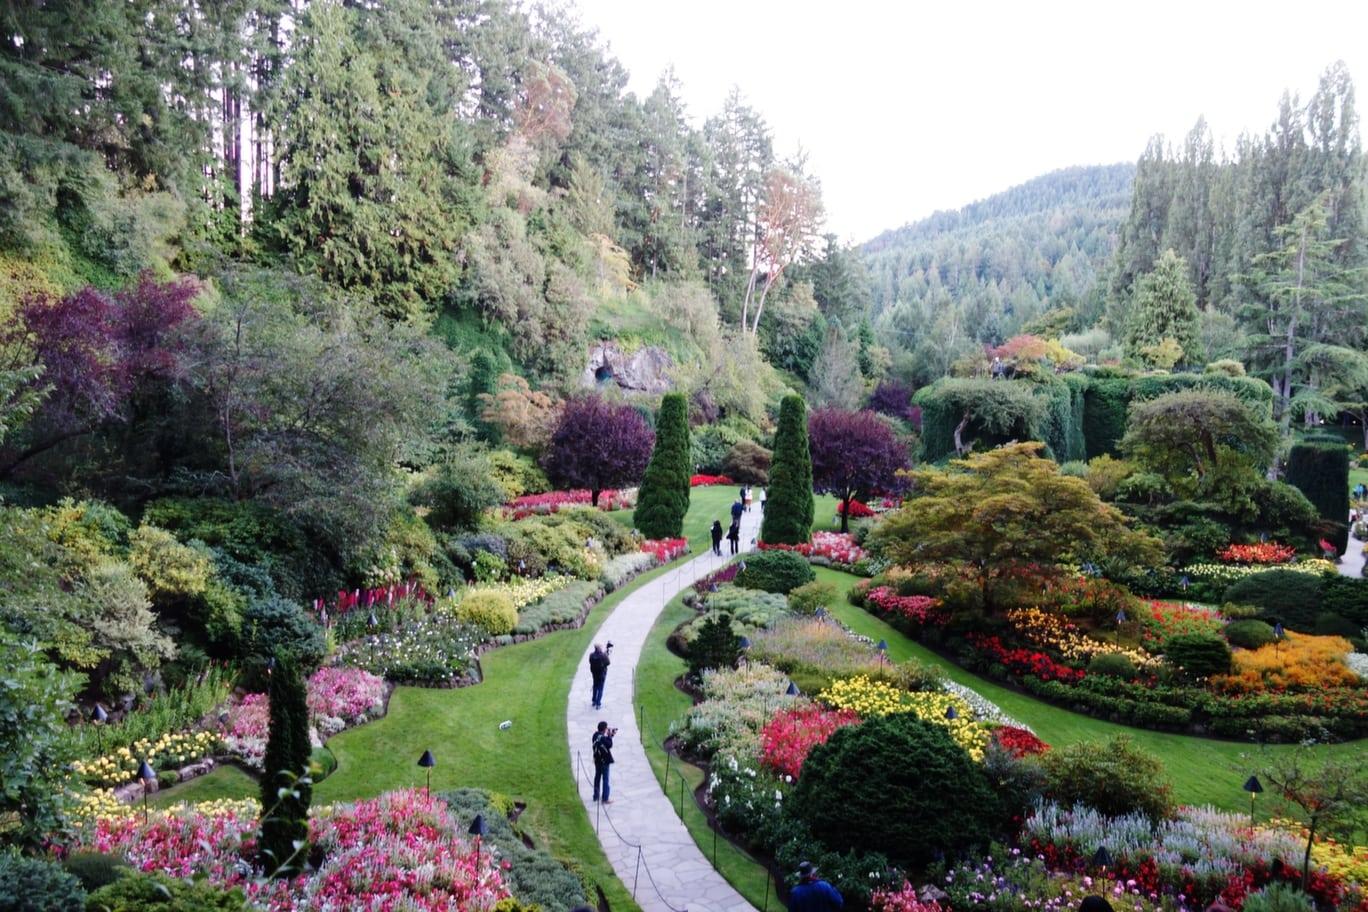 Butchart Gardens And Butterfly Gardens Review Eatsleepcruise Com